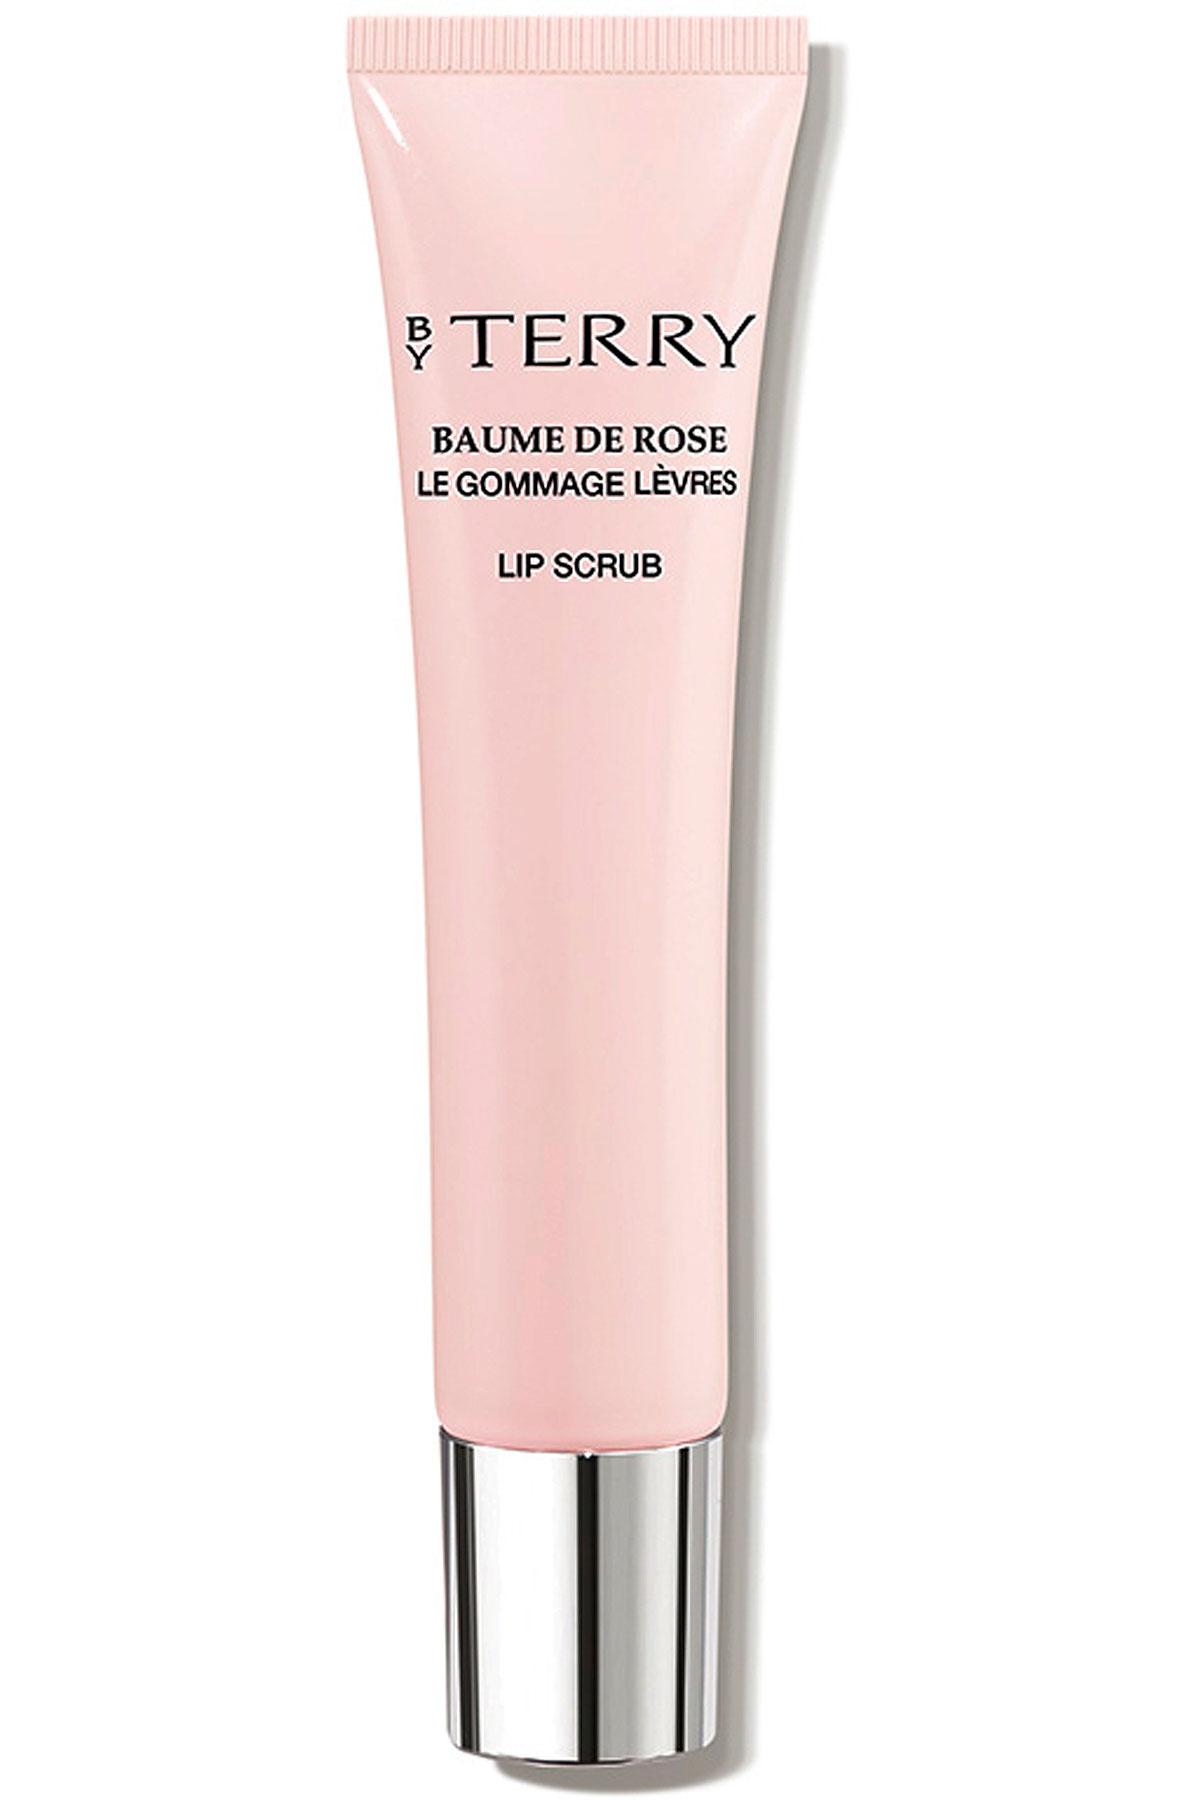 By Terry Beauty for Women On Sale, Baume De Rose - Lip Scrub - 15 Gr, 2019, 15 gr